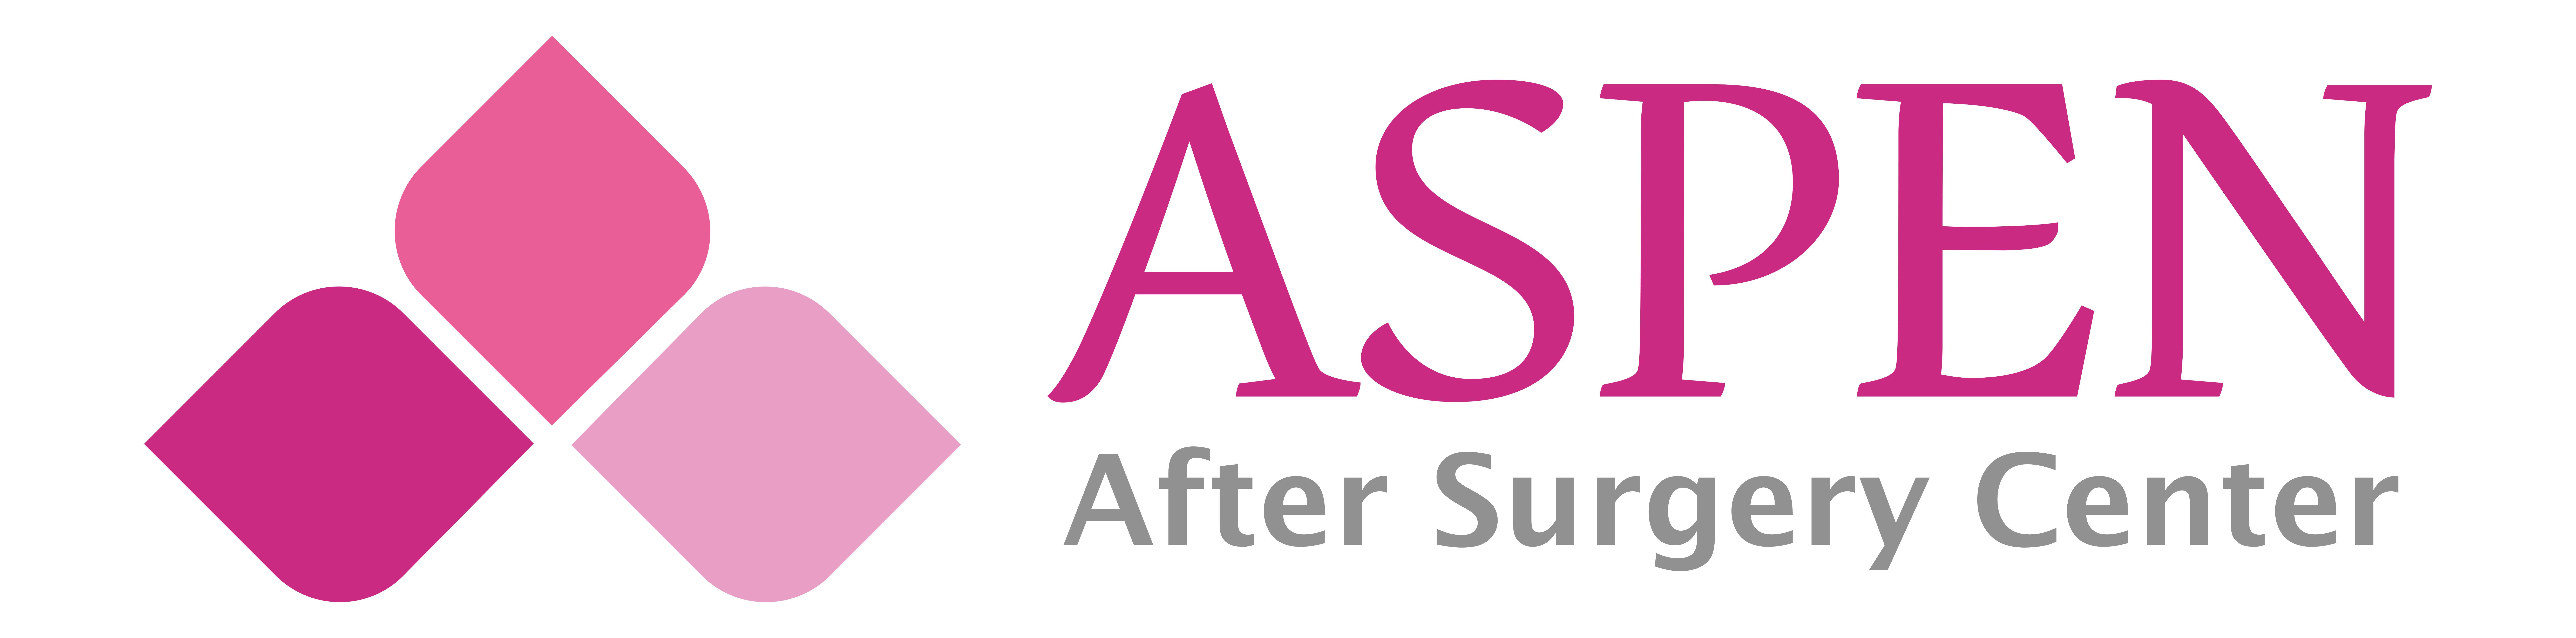 Aspen After Surgery